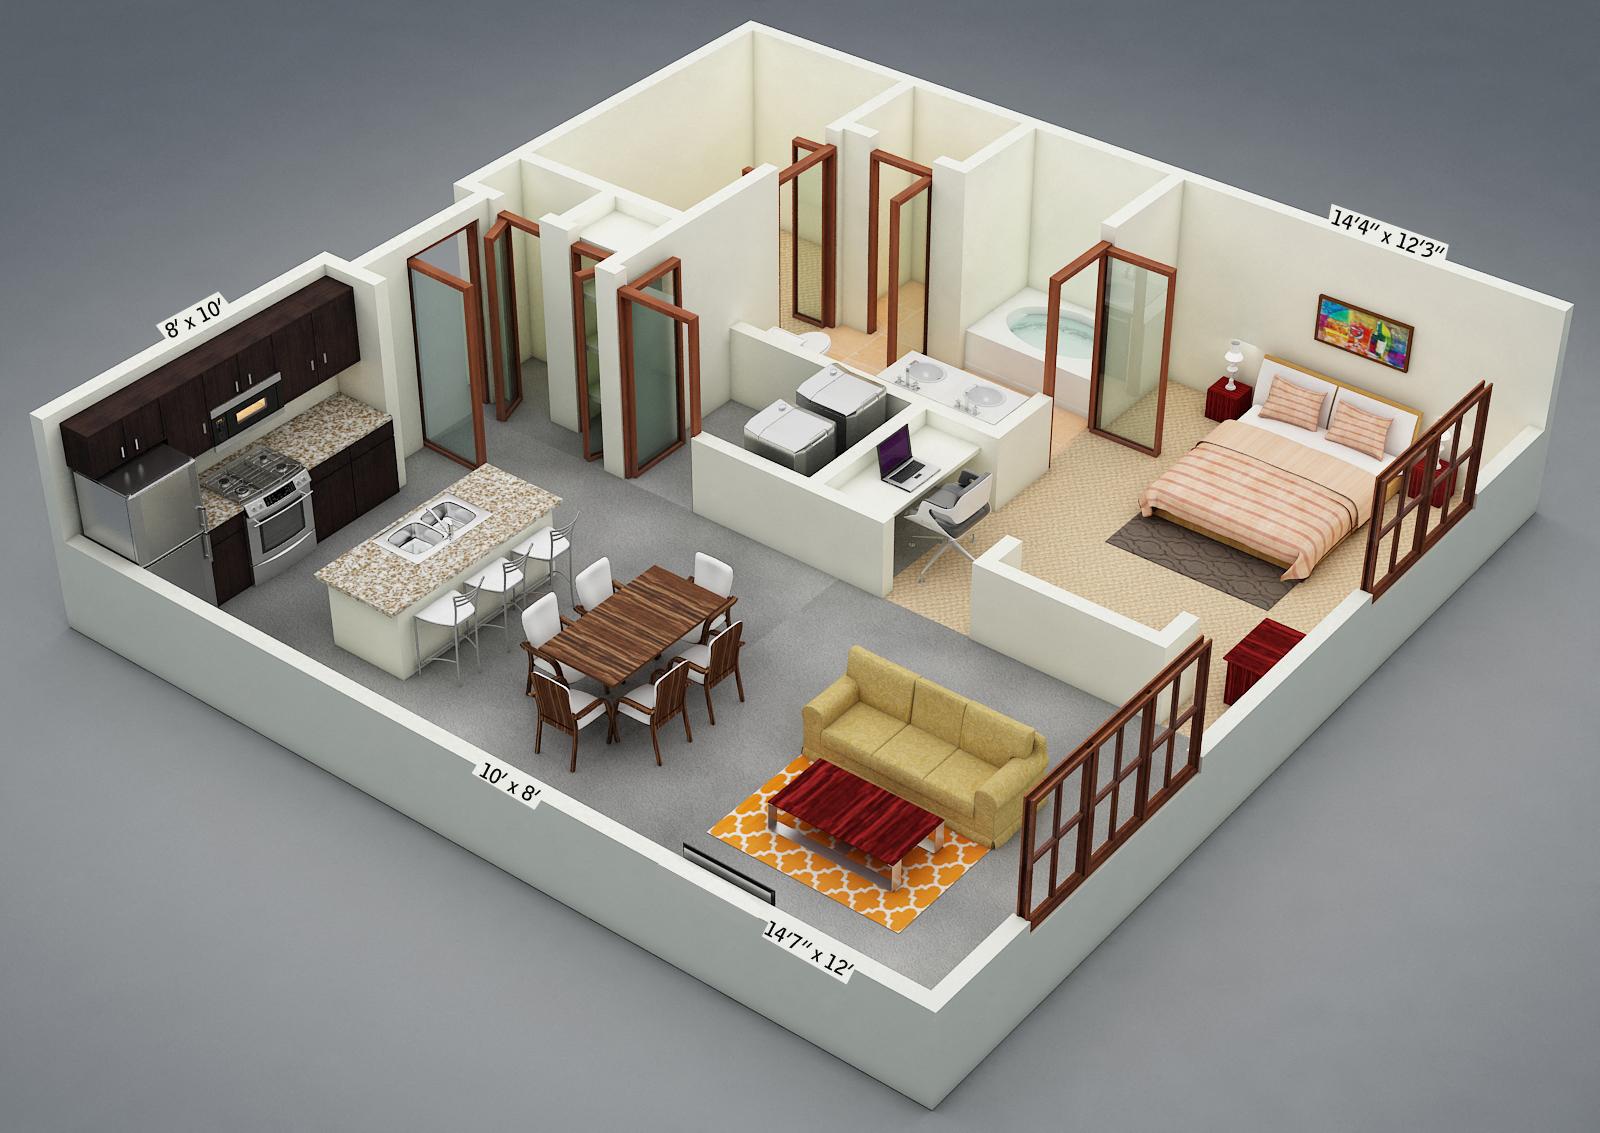 Floorplan Image 0